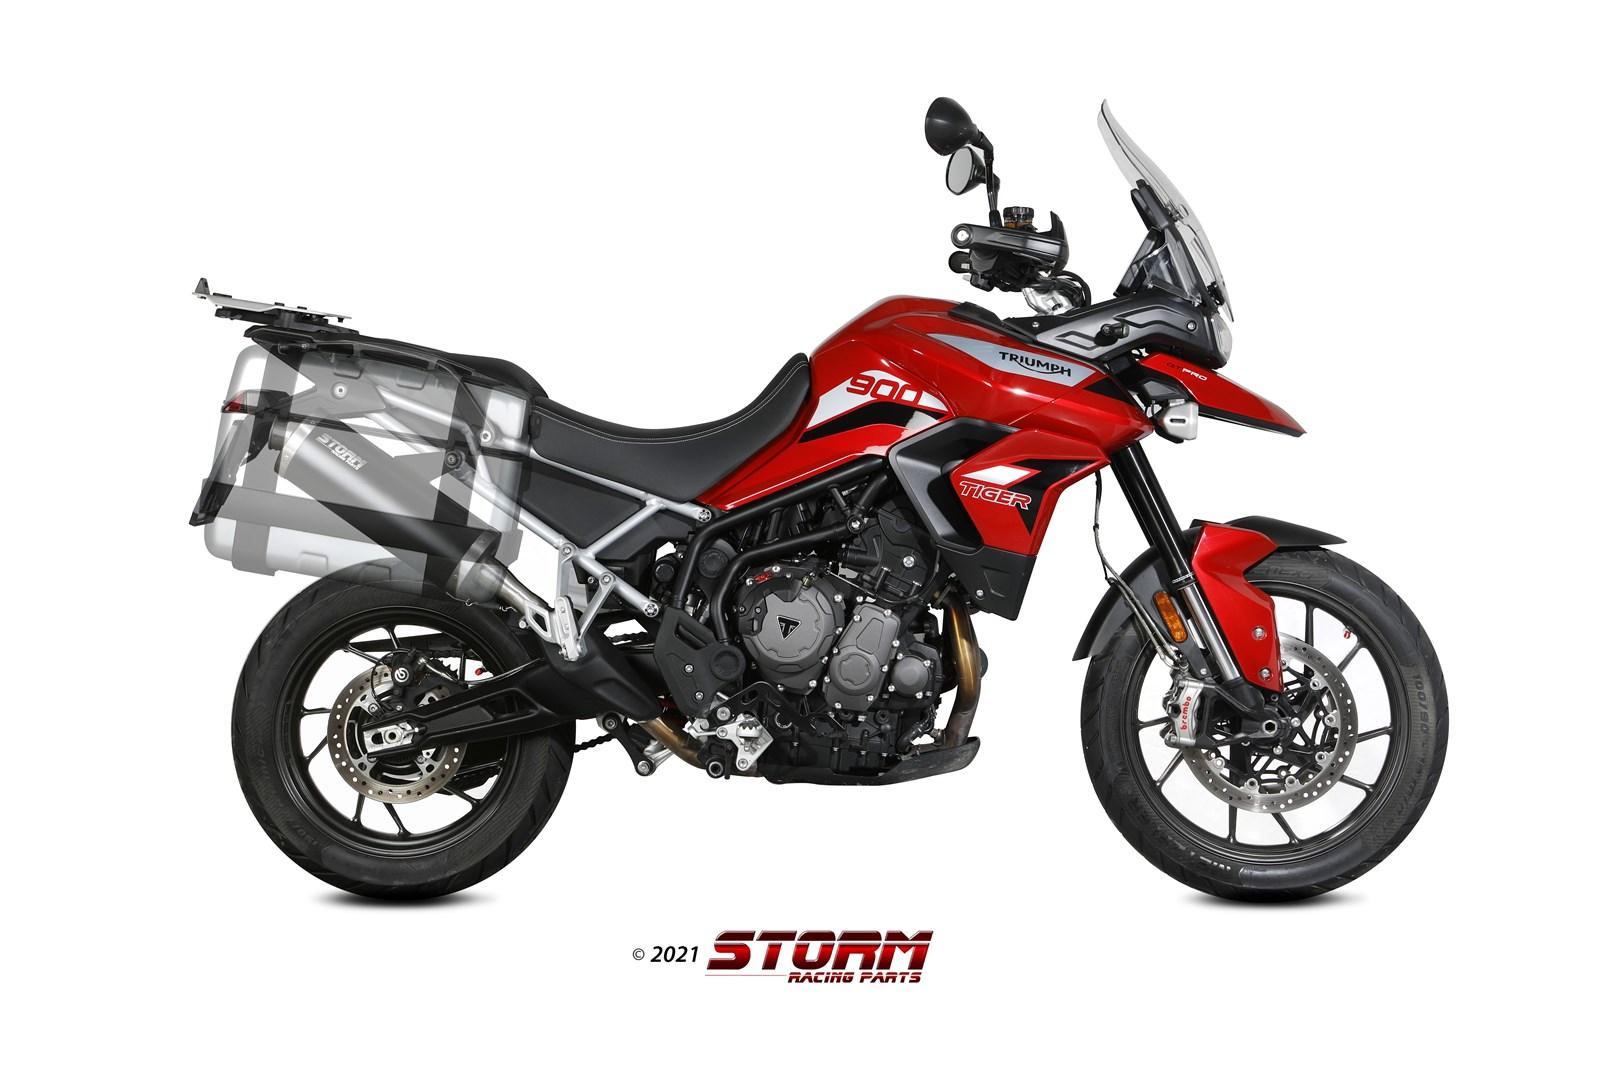 Triumph_Tiger900_2020_74T018LX2B_$11